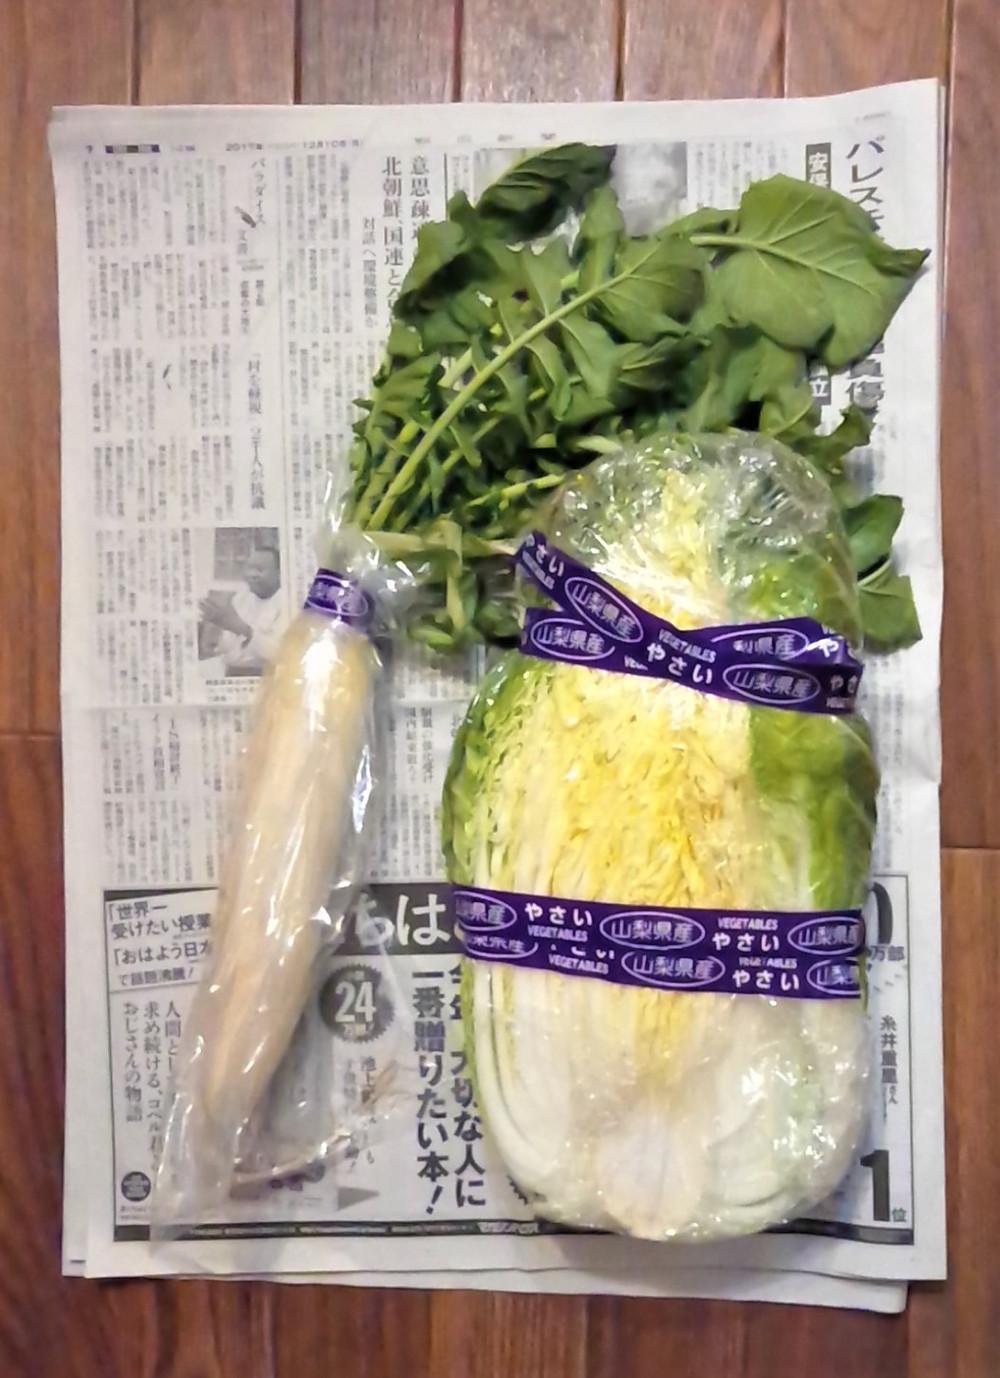 多摩センターの整体院身体均整堂からだやの野菜